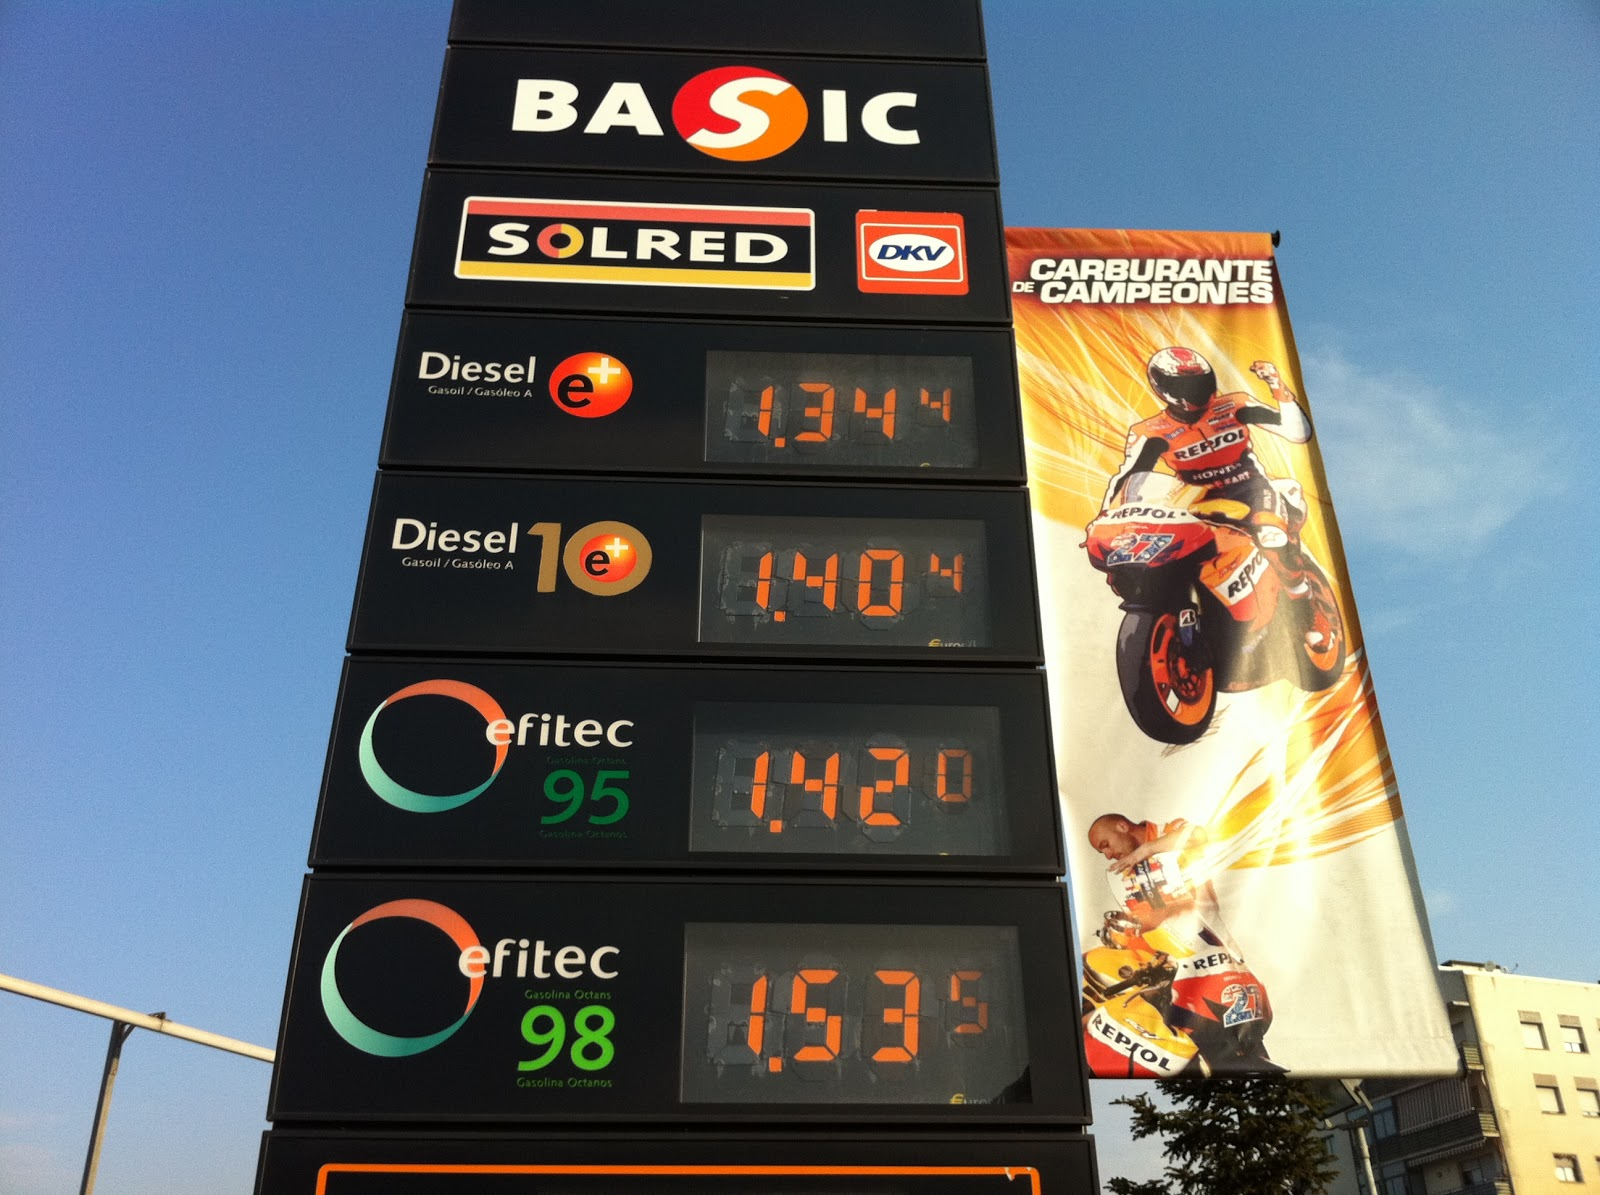 El precio de la gasolina en de Volgogrado obl